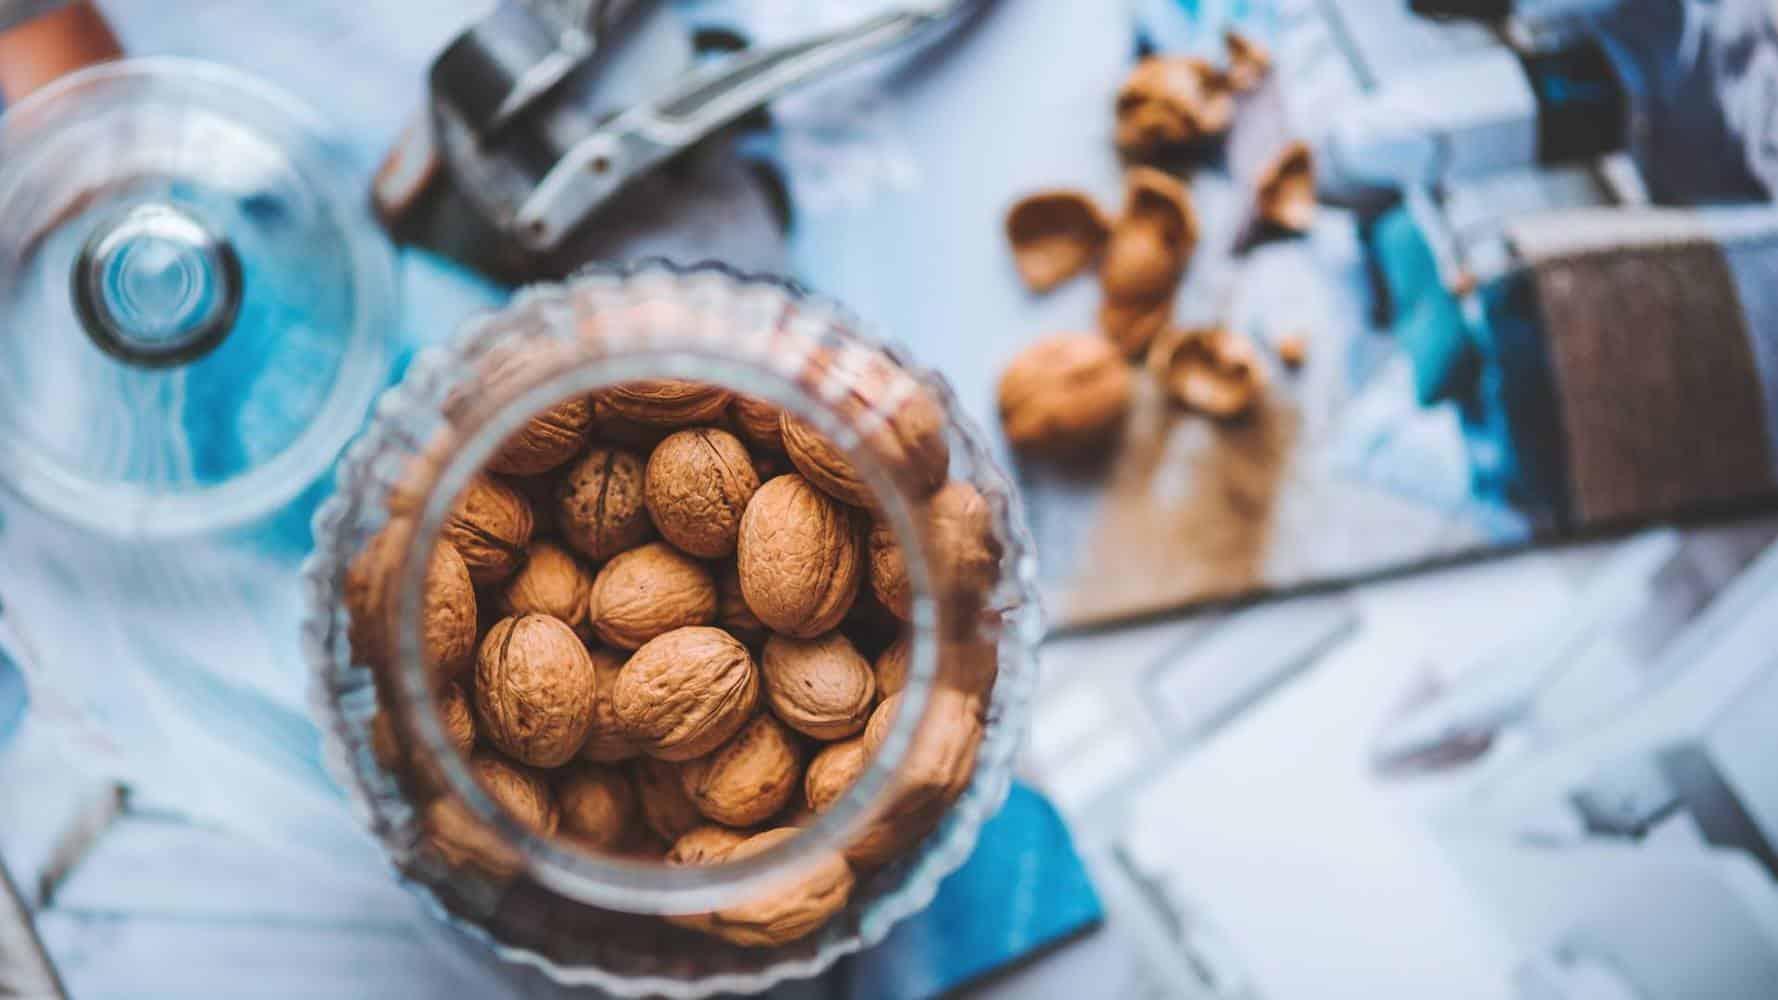 A glass of walnuts.